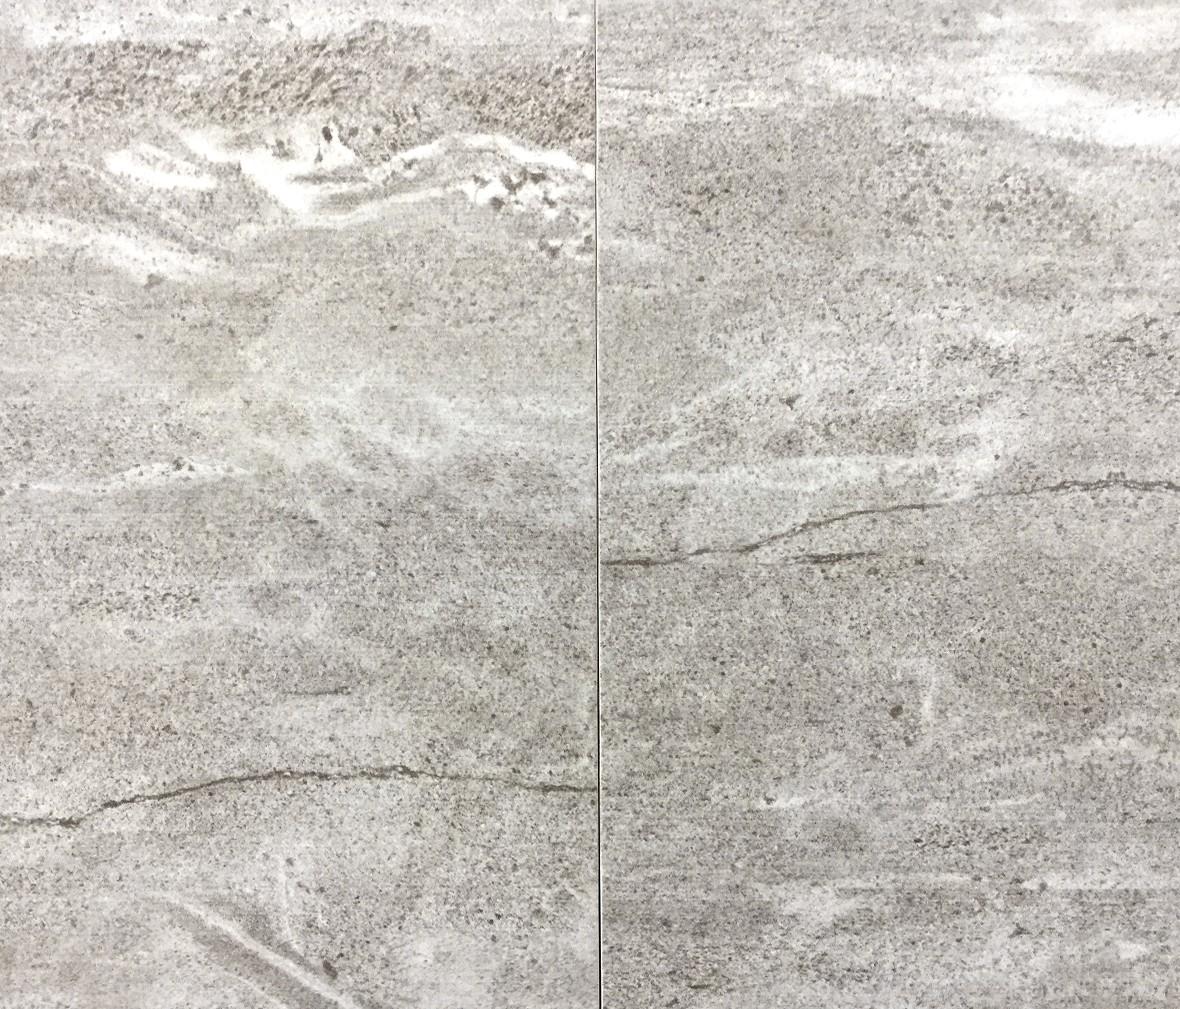 冠珠瓷砖 gqiya62080型号墙砖 300*600瓷砖仿古砖 图片,价格,品牌